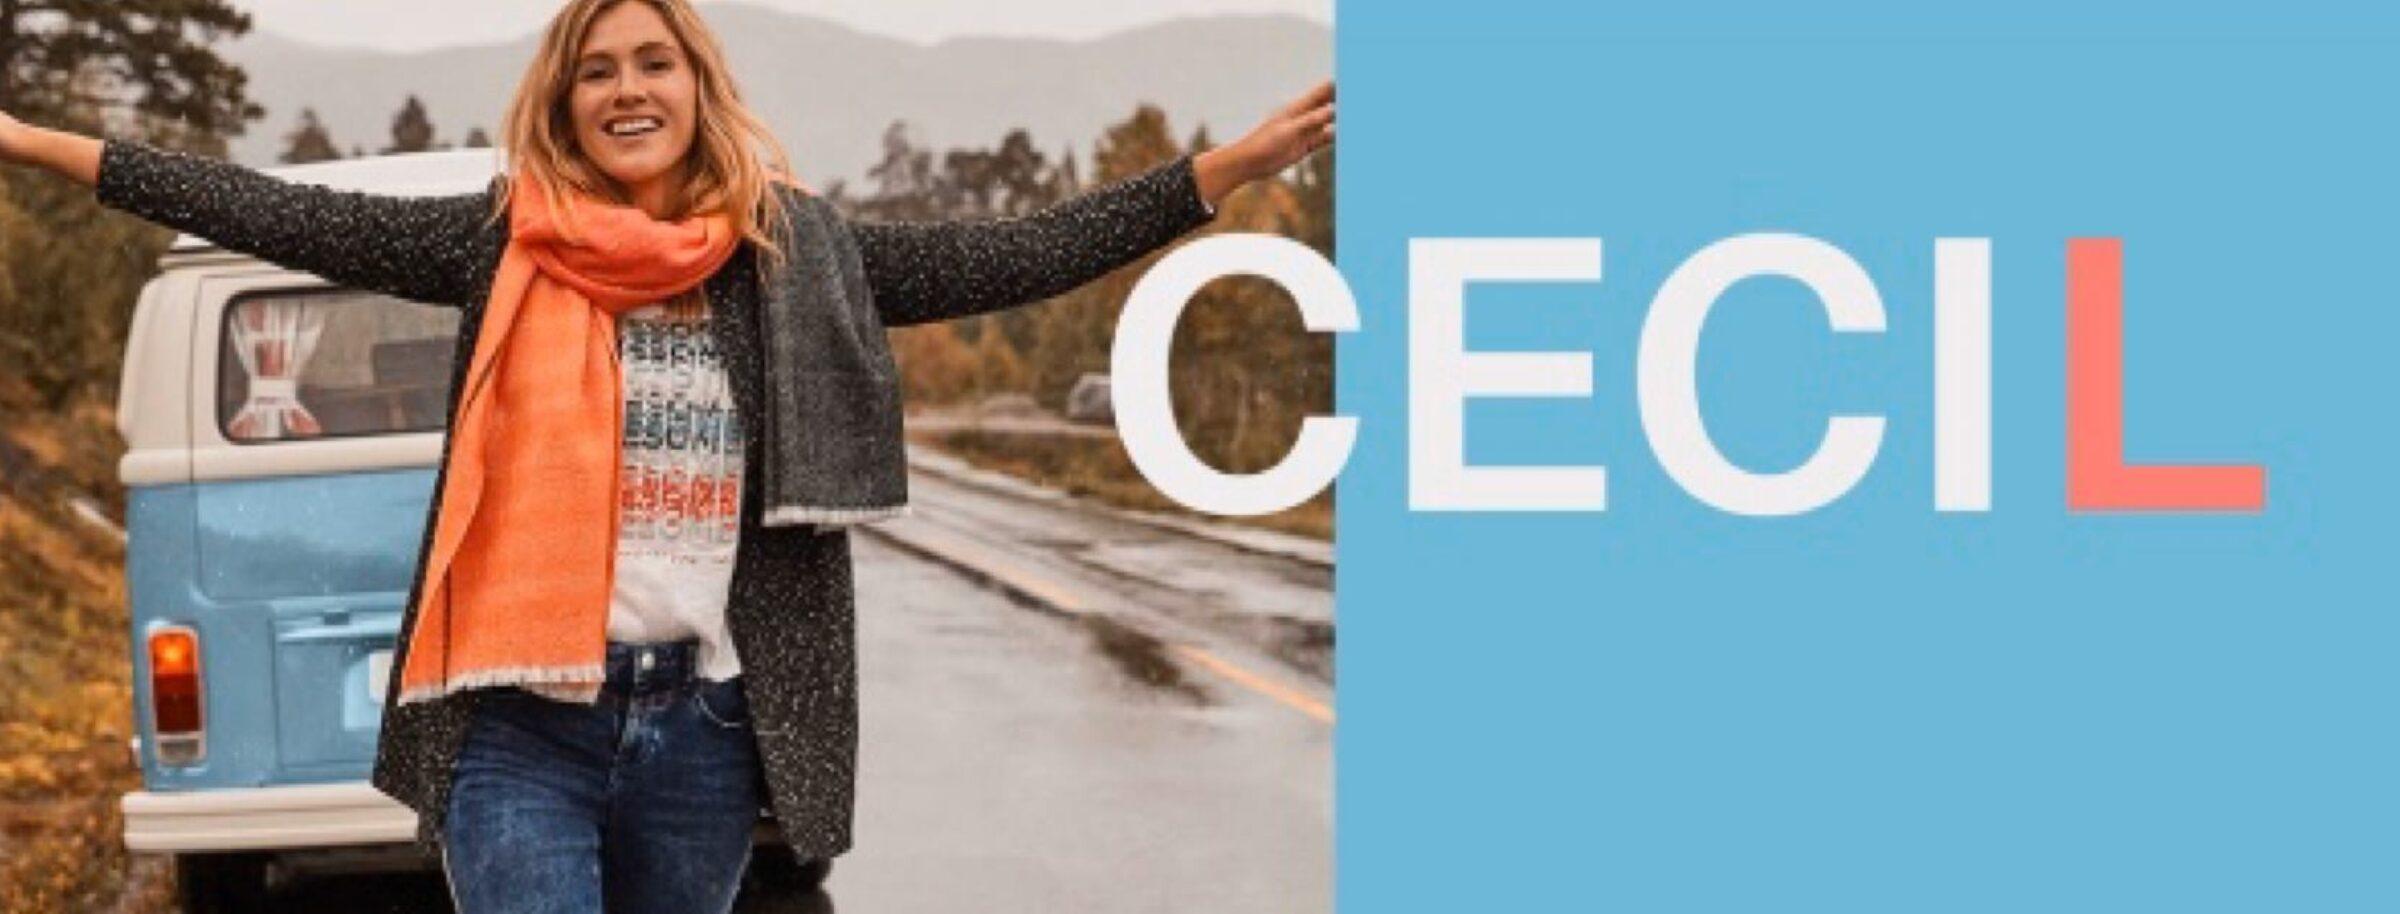 Cecil enschede